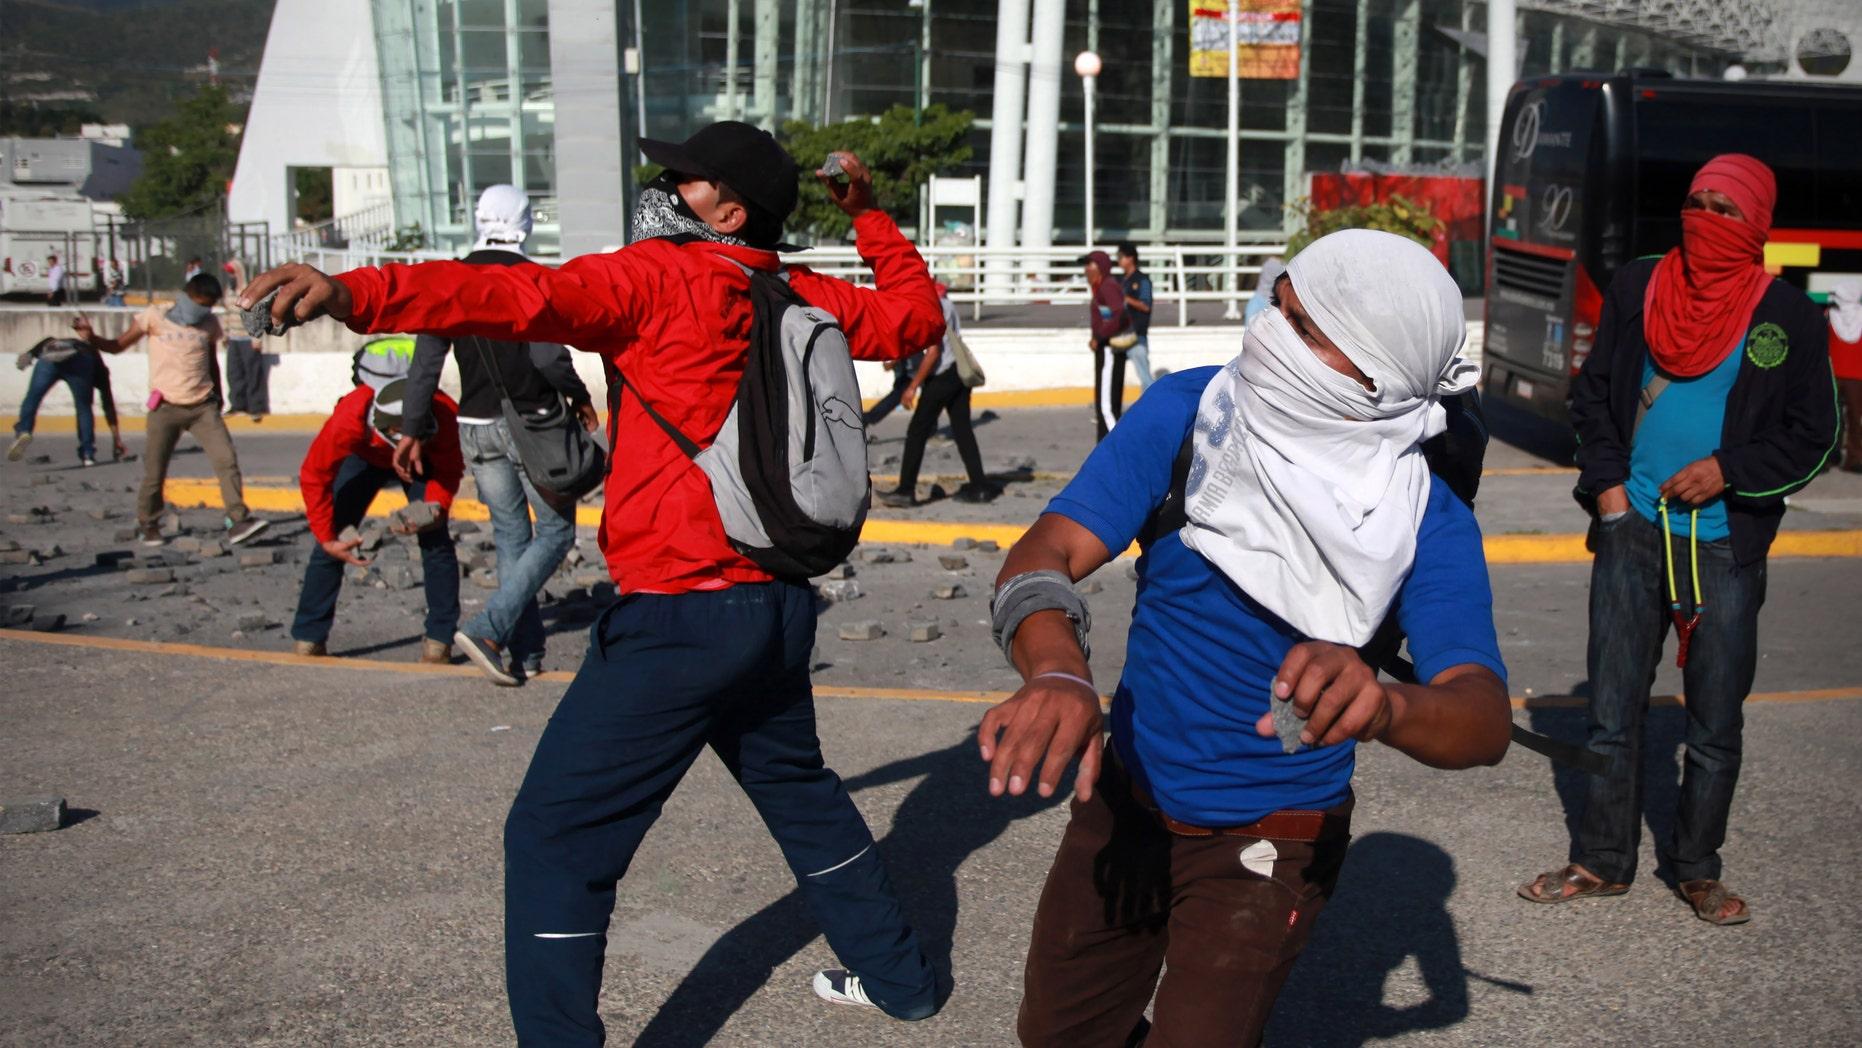 Estudiantes arrojan piedras al palacio de gobierno en Chilpancingo, capital del estado de Guerrero, México, lunes 13 de octubre de 2014. Violentas protestas con lanzamiento de cócteles molotov contra edificios gubernamentales, algunos de los cuales sufrieron daños, se vivieron el lunes en el estado del sur de México donde un estudiante alemán fue baleado por la policía aparentemente por confusión la noche anterior y donde hace dos semanas desaparecieron 43 estudiantes, presuntamente a manos de la policía.  (AP Foto/Felix Marquez)College students throw rocks as they trash and later set on fire the state capital building in Chilpancingo, Mexico, Monday Oct. 13, 2014. Hundreds of protesting teachers and students demanding answers about the 43 students who went missing on Sept. 26 during a confrontation with police, clashed with police at the local congress and outside the state government palace Monday. Officials are attempting to determine if any of the missing students are in newly discovered mass graves. (AP Photo/Felix Marquez)